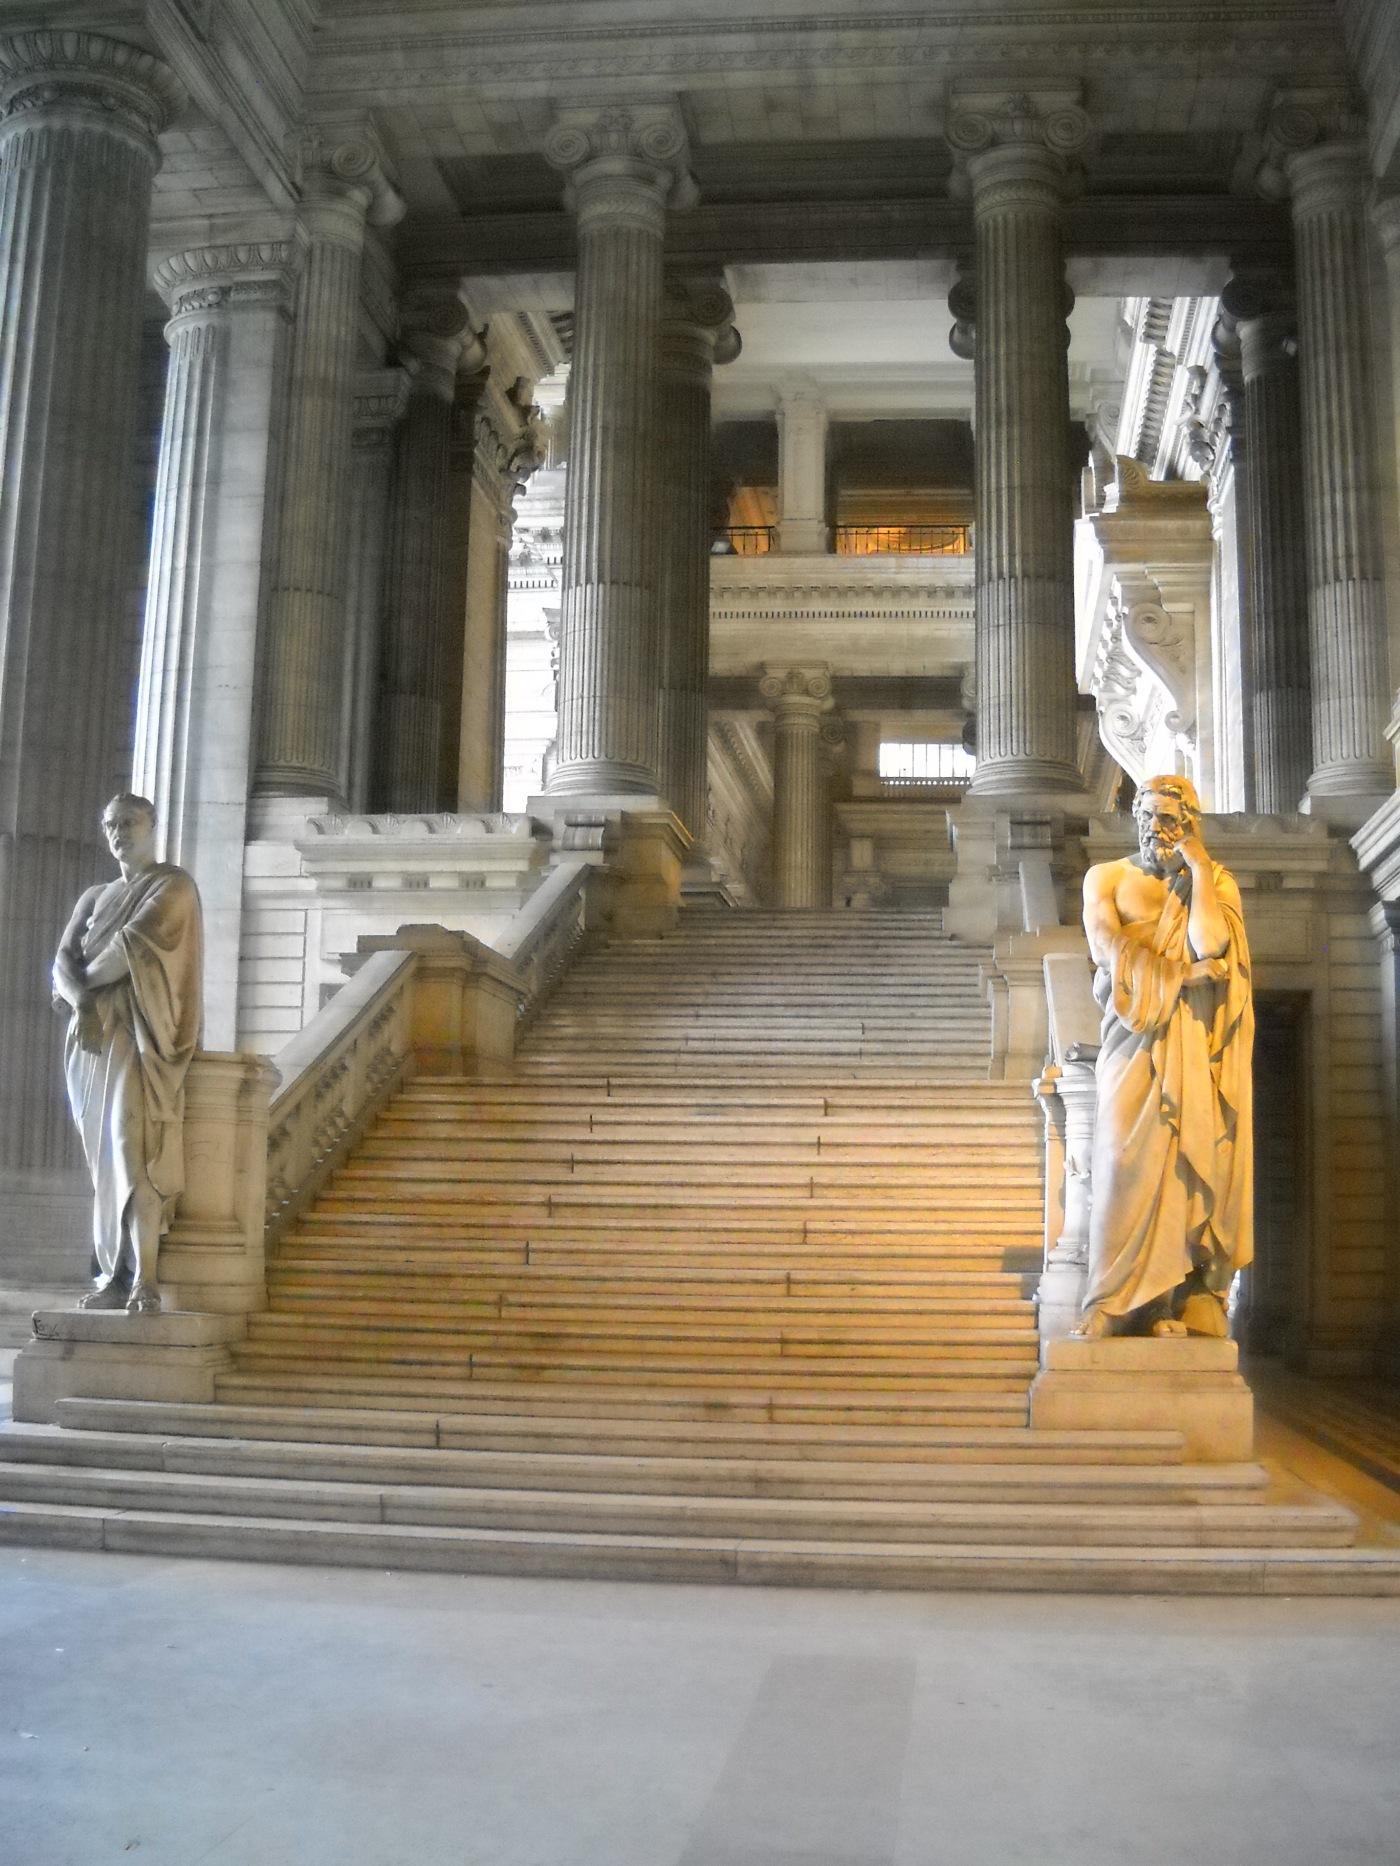 Escaleras de acceso al interior del Palacio de Justicia.